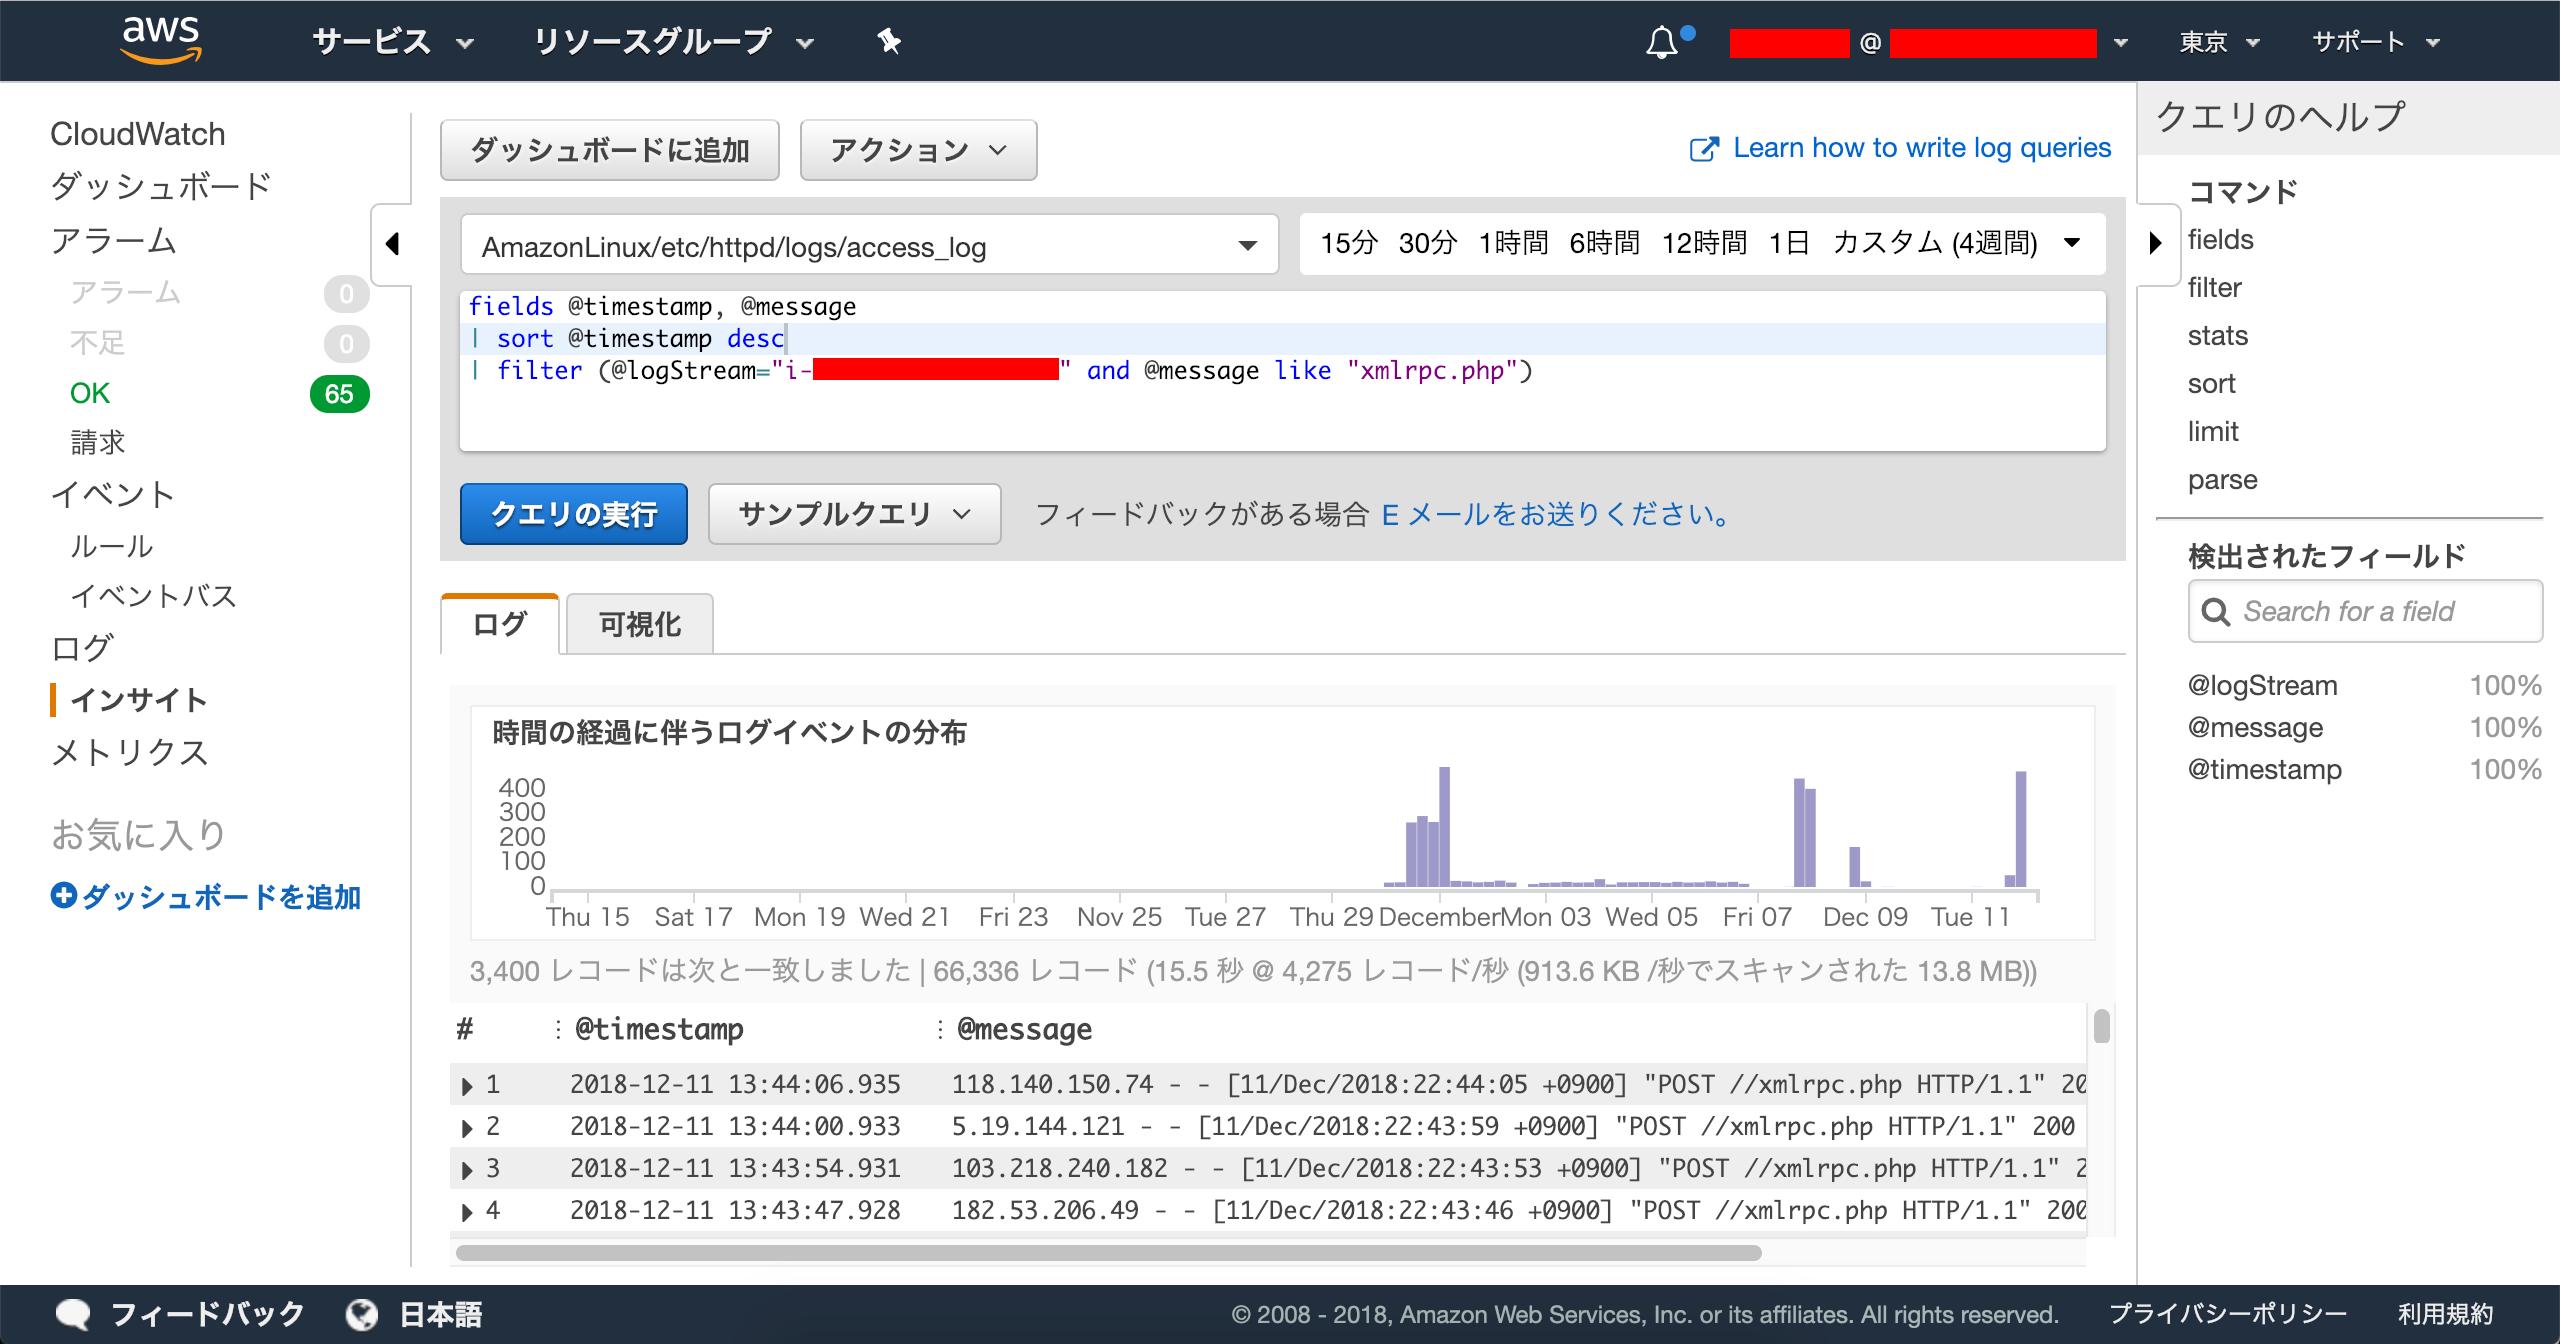 WordPress のサーバーのアクセスログを CloudWatchLogs Insights を使って確認してみた。